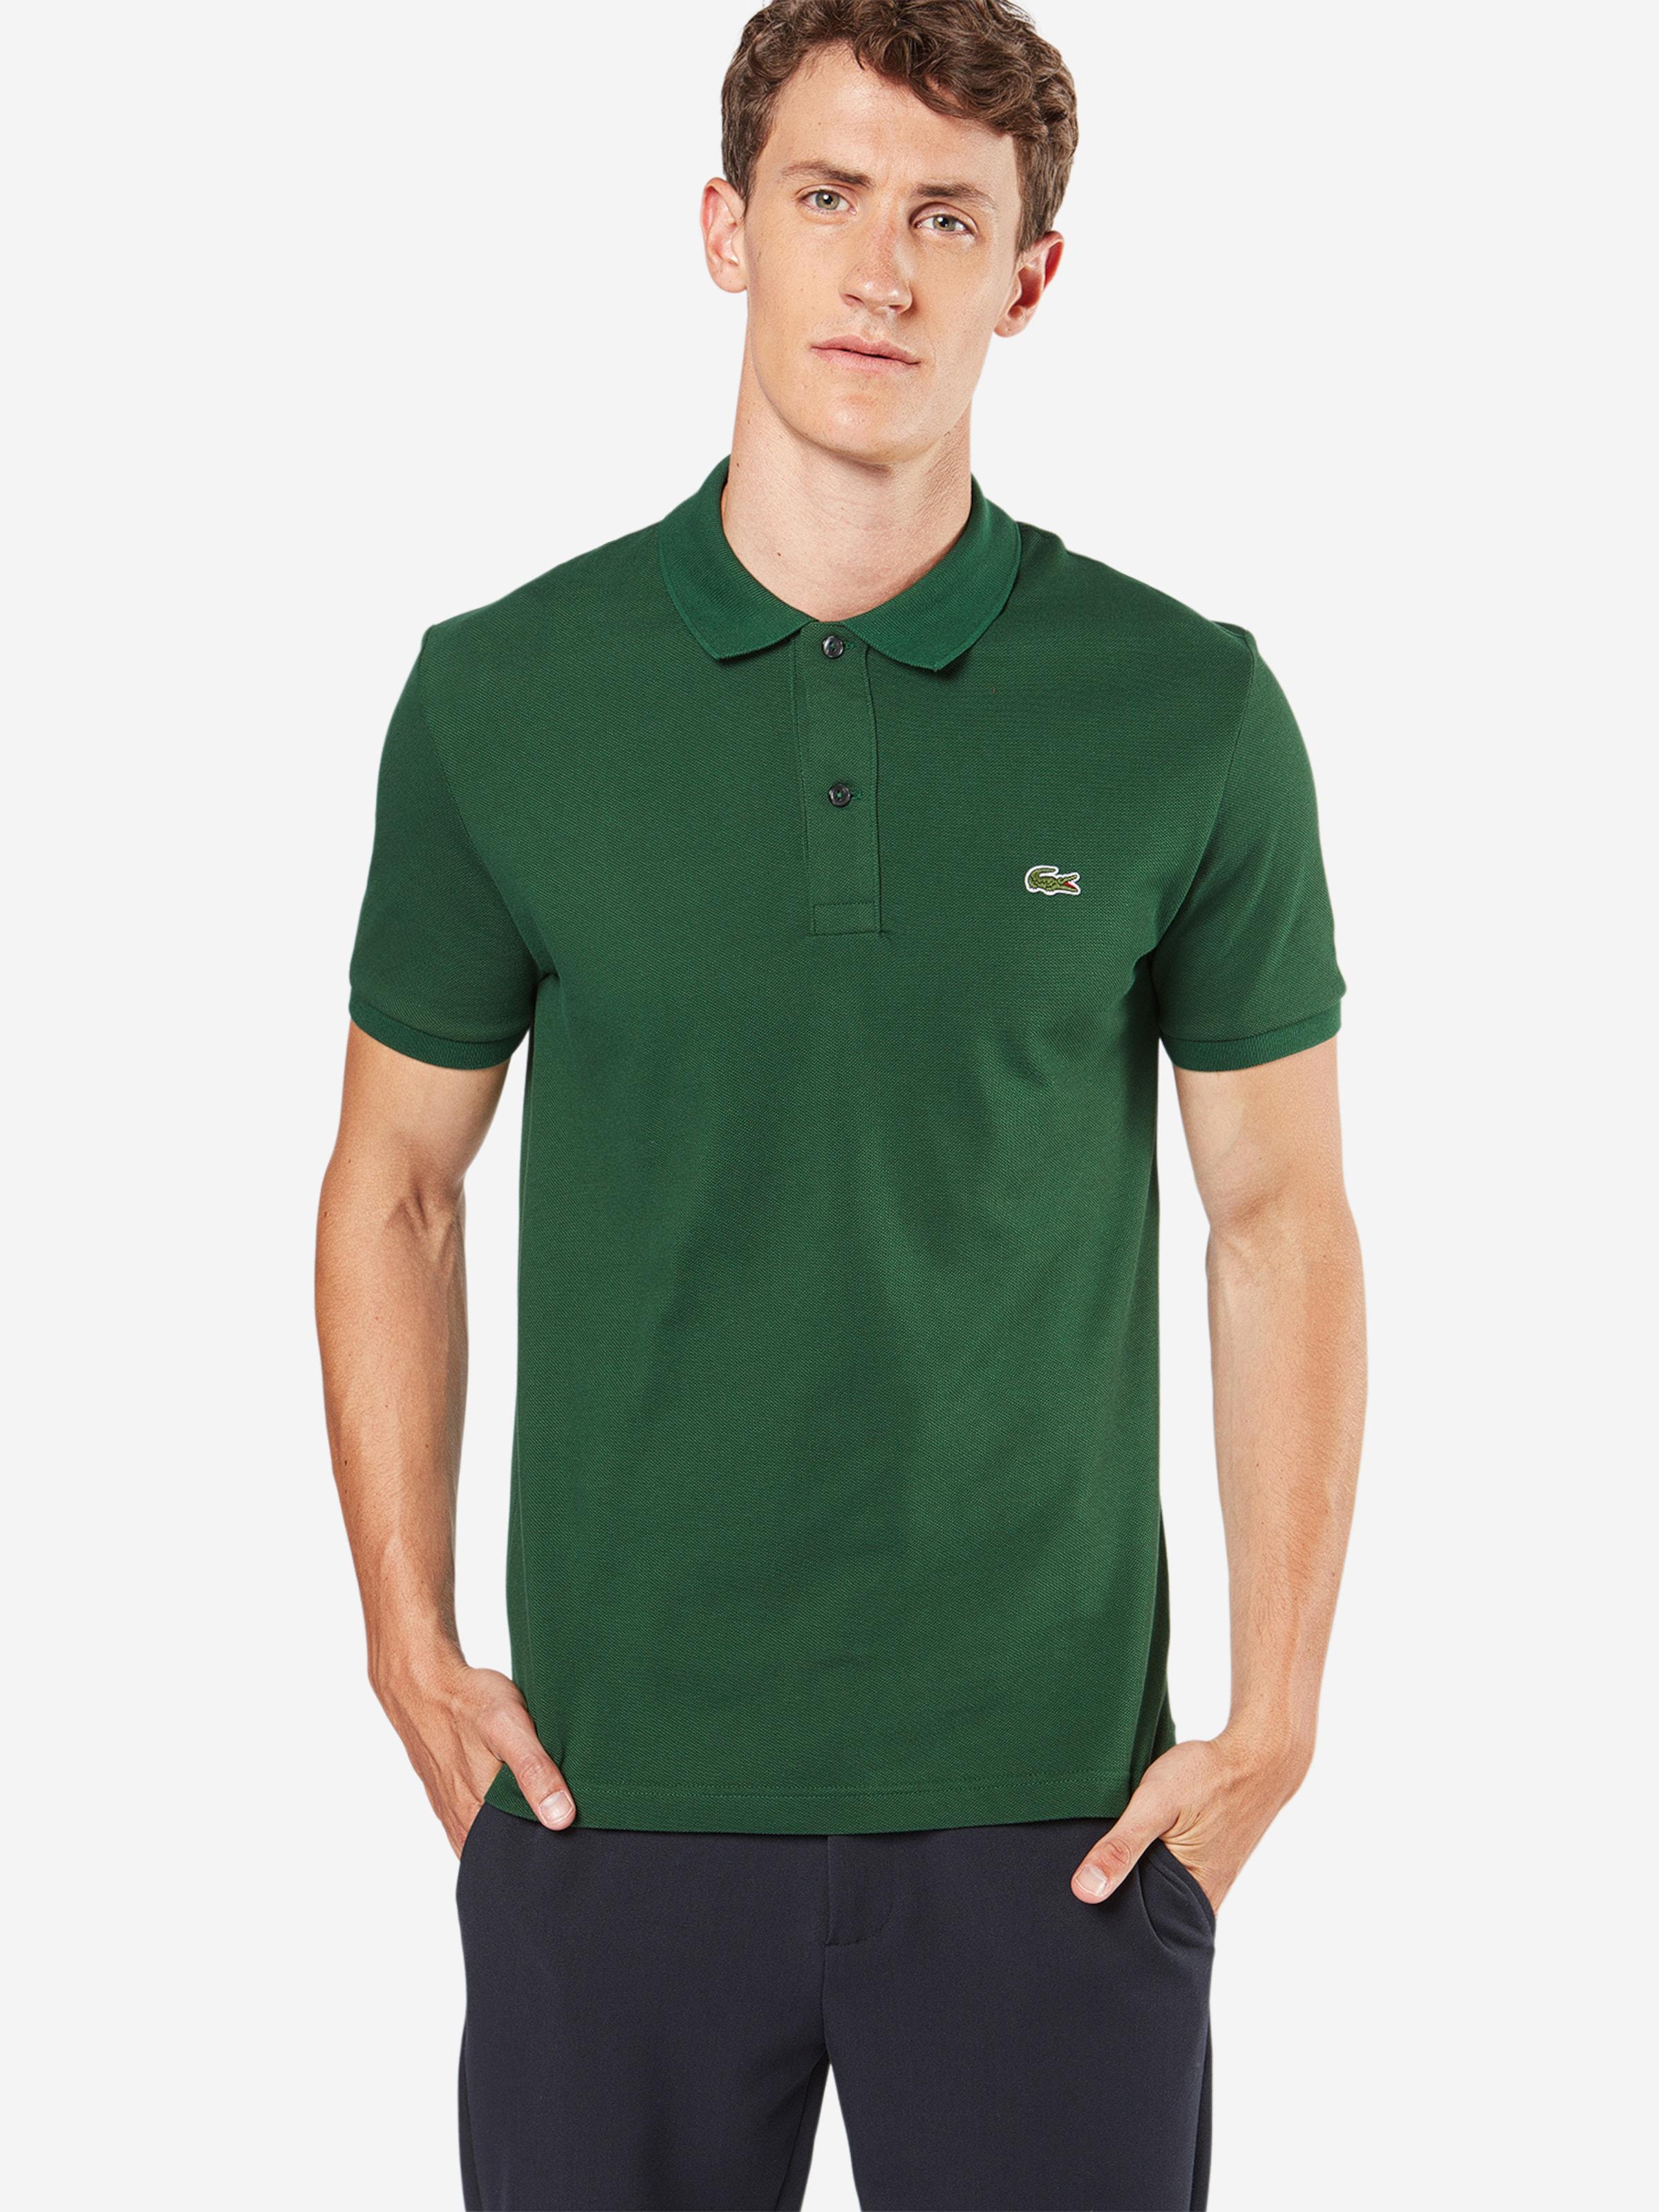 T En shirt Lacoste Vert Foncé l15uJTcFK3